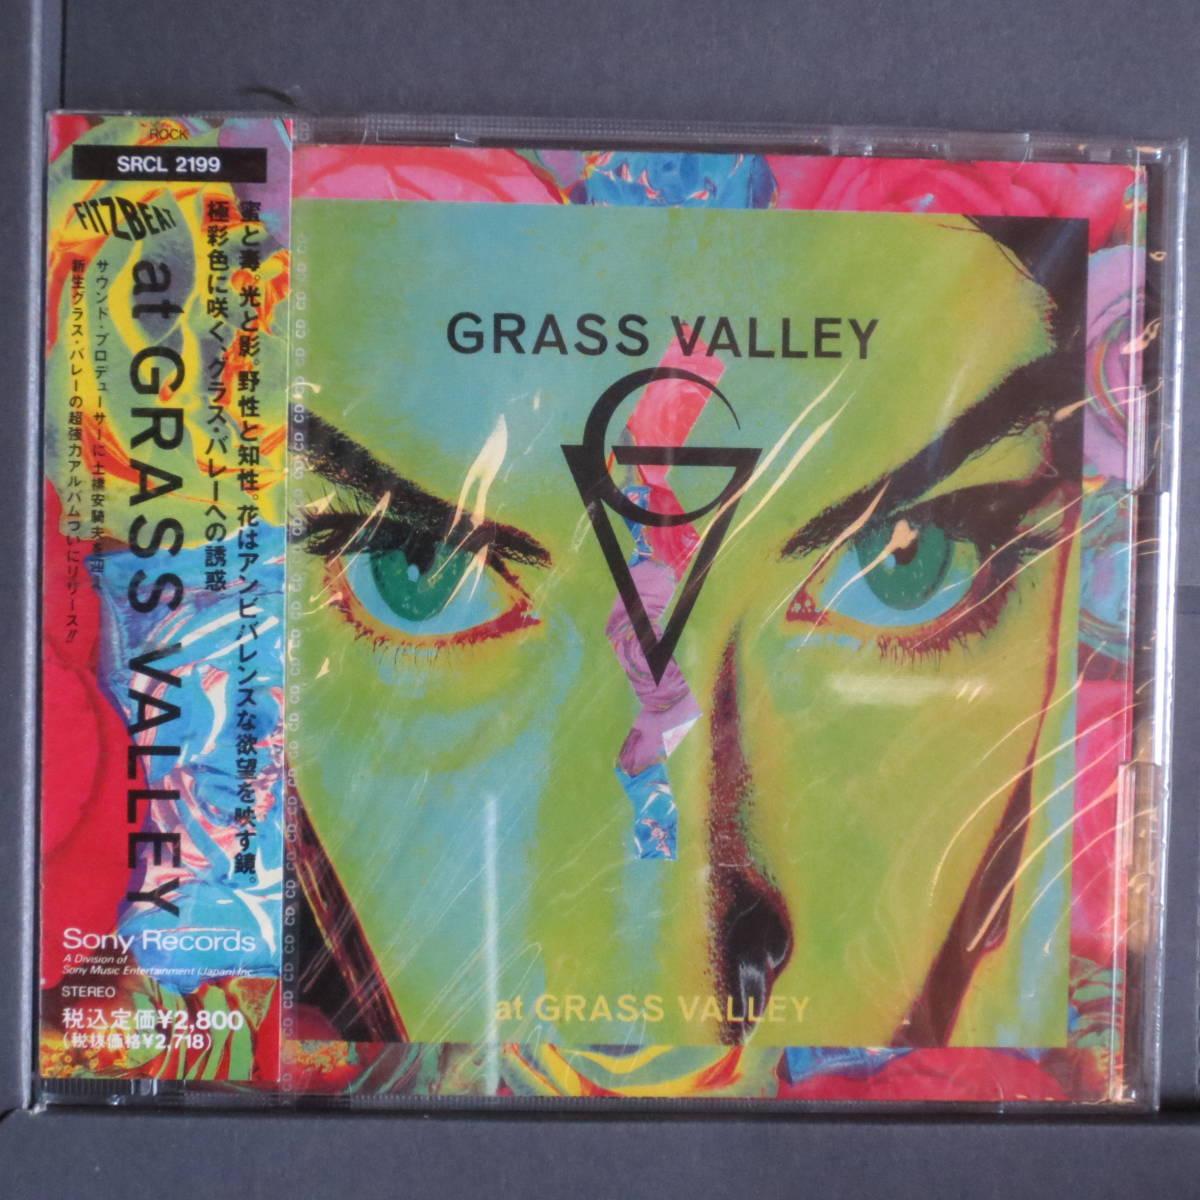 [新品未開封CD] GRASS VALLEY グラス・バレー / at GRASS VALLEY_画像1